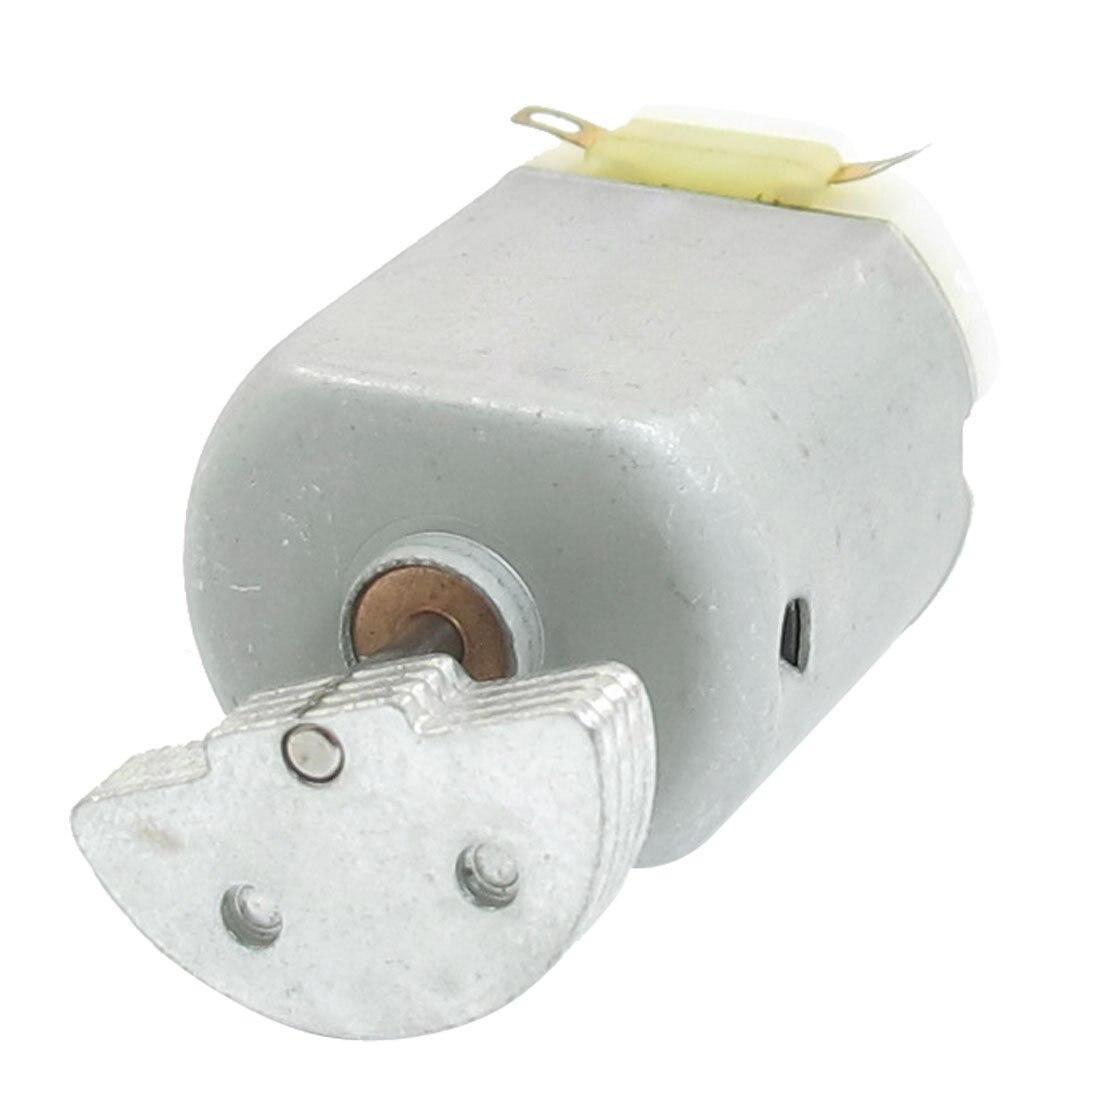 1.1inch Dia Mini Vibration Vibrating Electric Motor DC 12-24V 8000RPM Gray TS